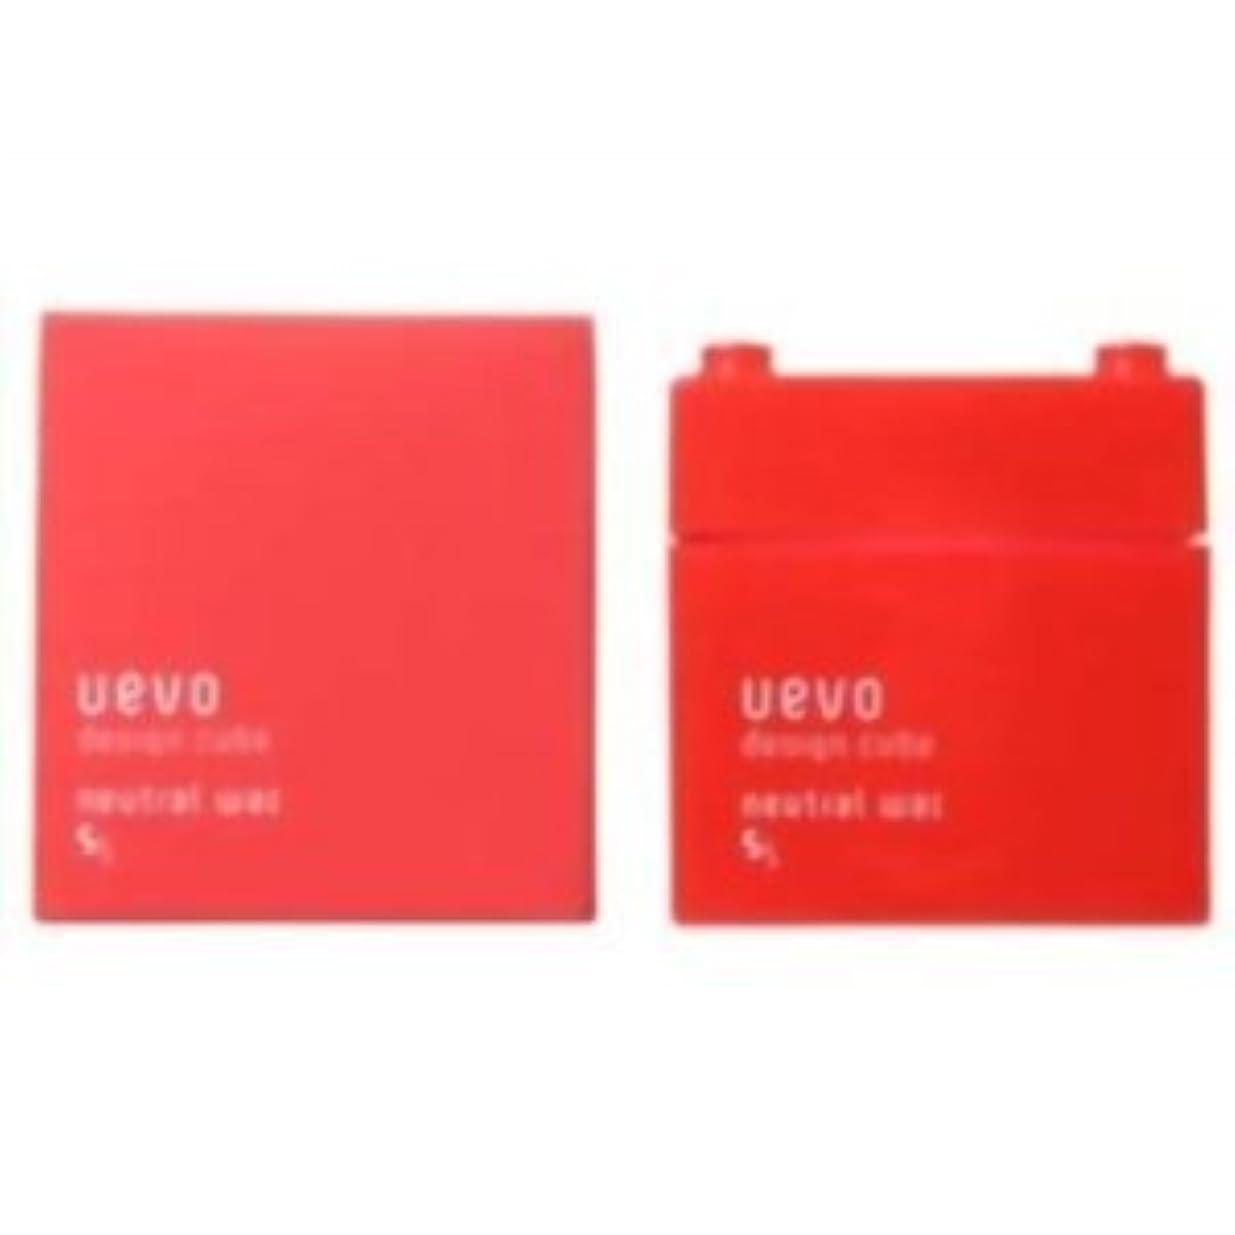 ベッツィトロットウッドそのようなコンピューターゲームをプレイする【X3個セット】 デミ ウェーボ デザインキューブ ニュートラルワックス 80g neutral wax DEMI uevo design cube